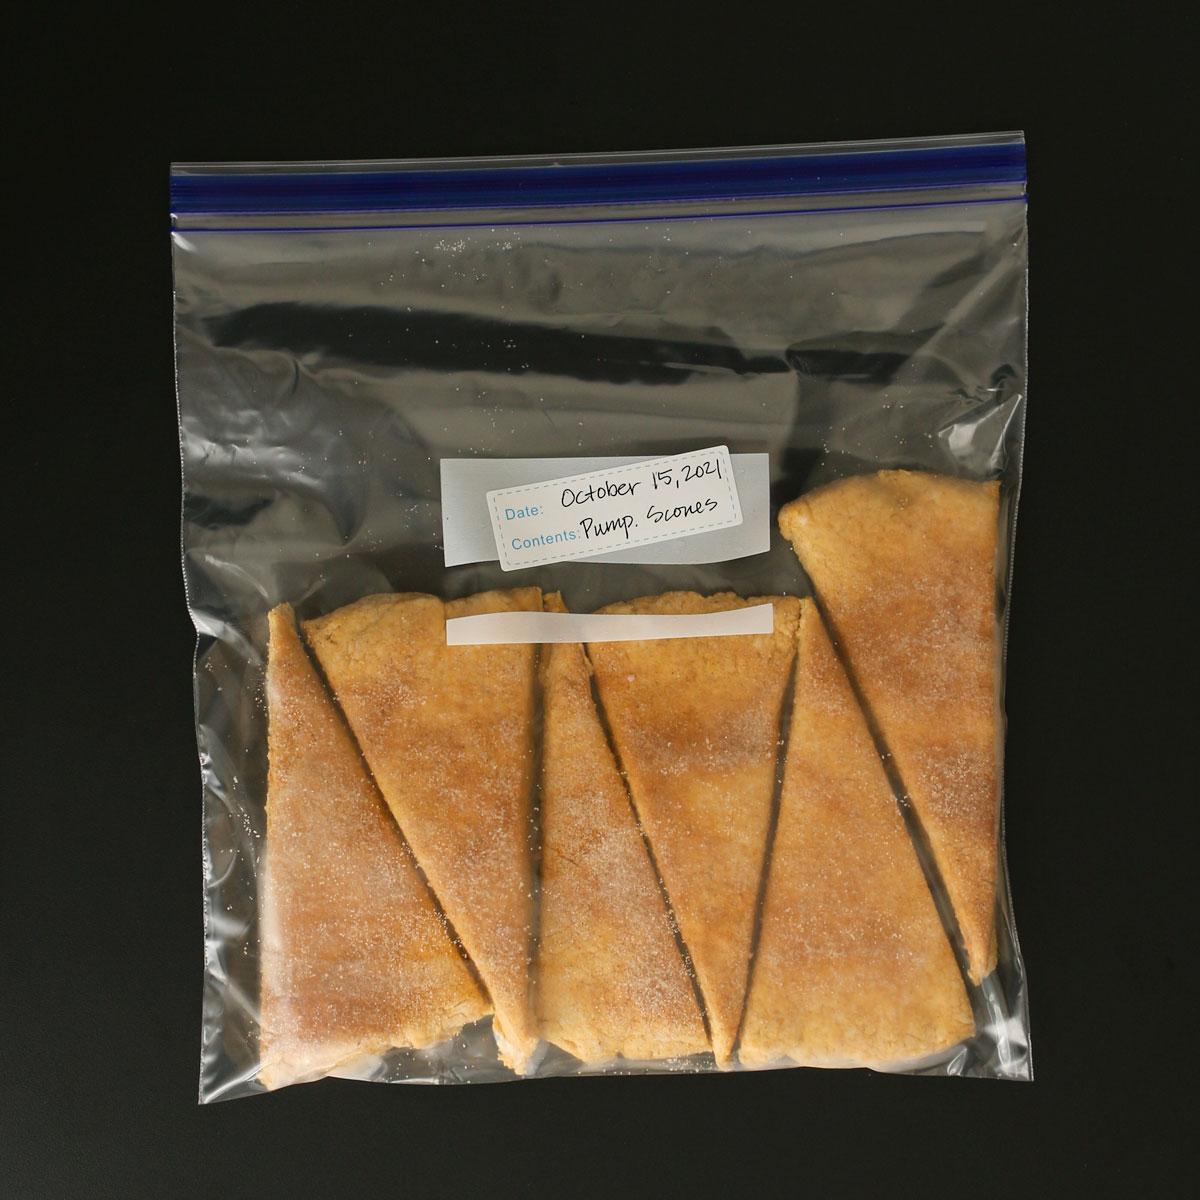 frozen pumpkin scones lined up in a ziptop freezer bag.